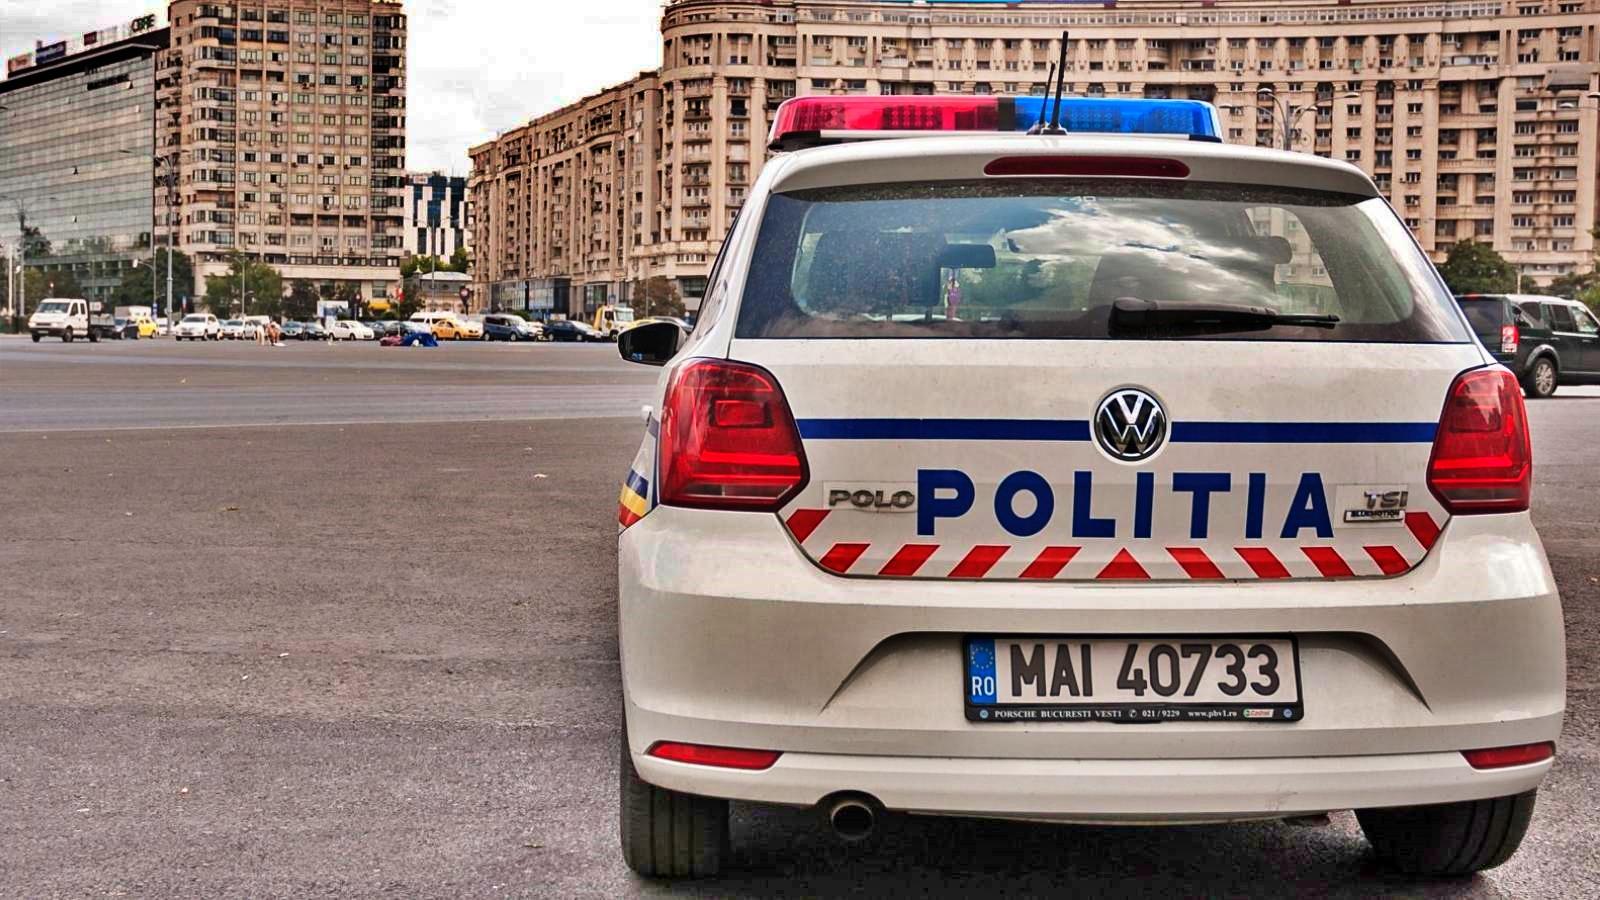 Politia Romana vigilenta drumuri